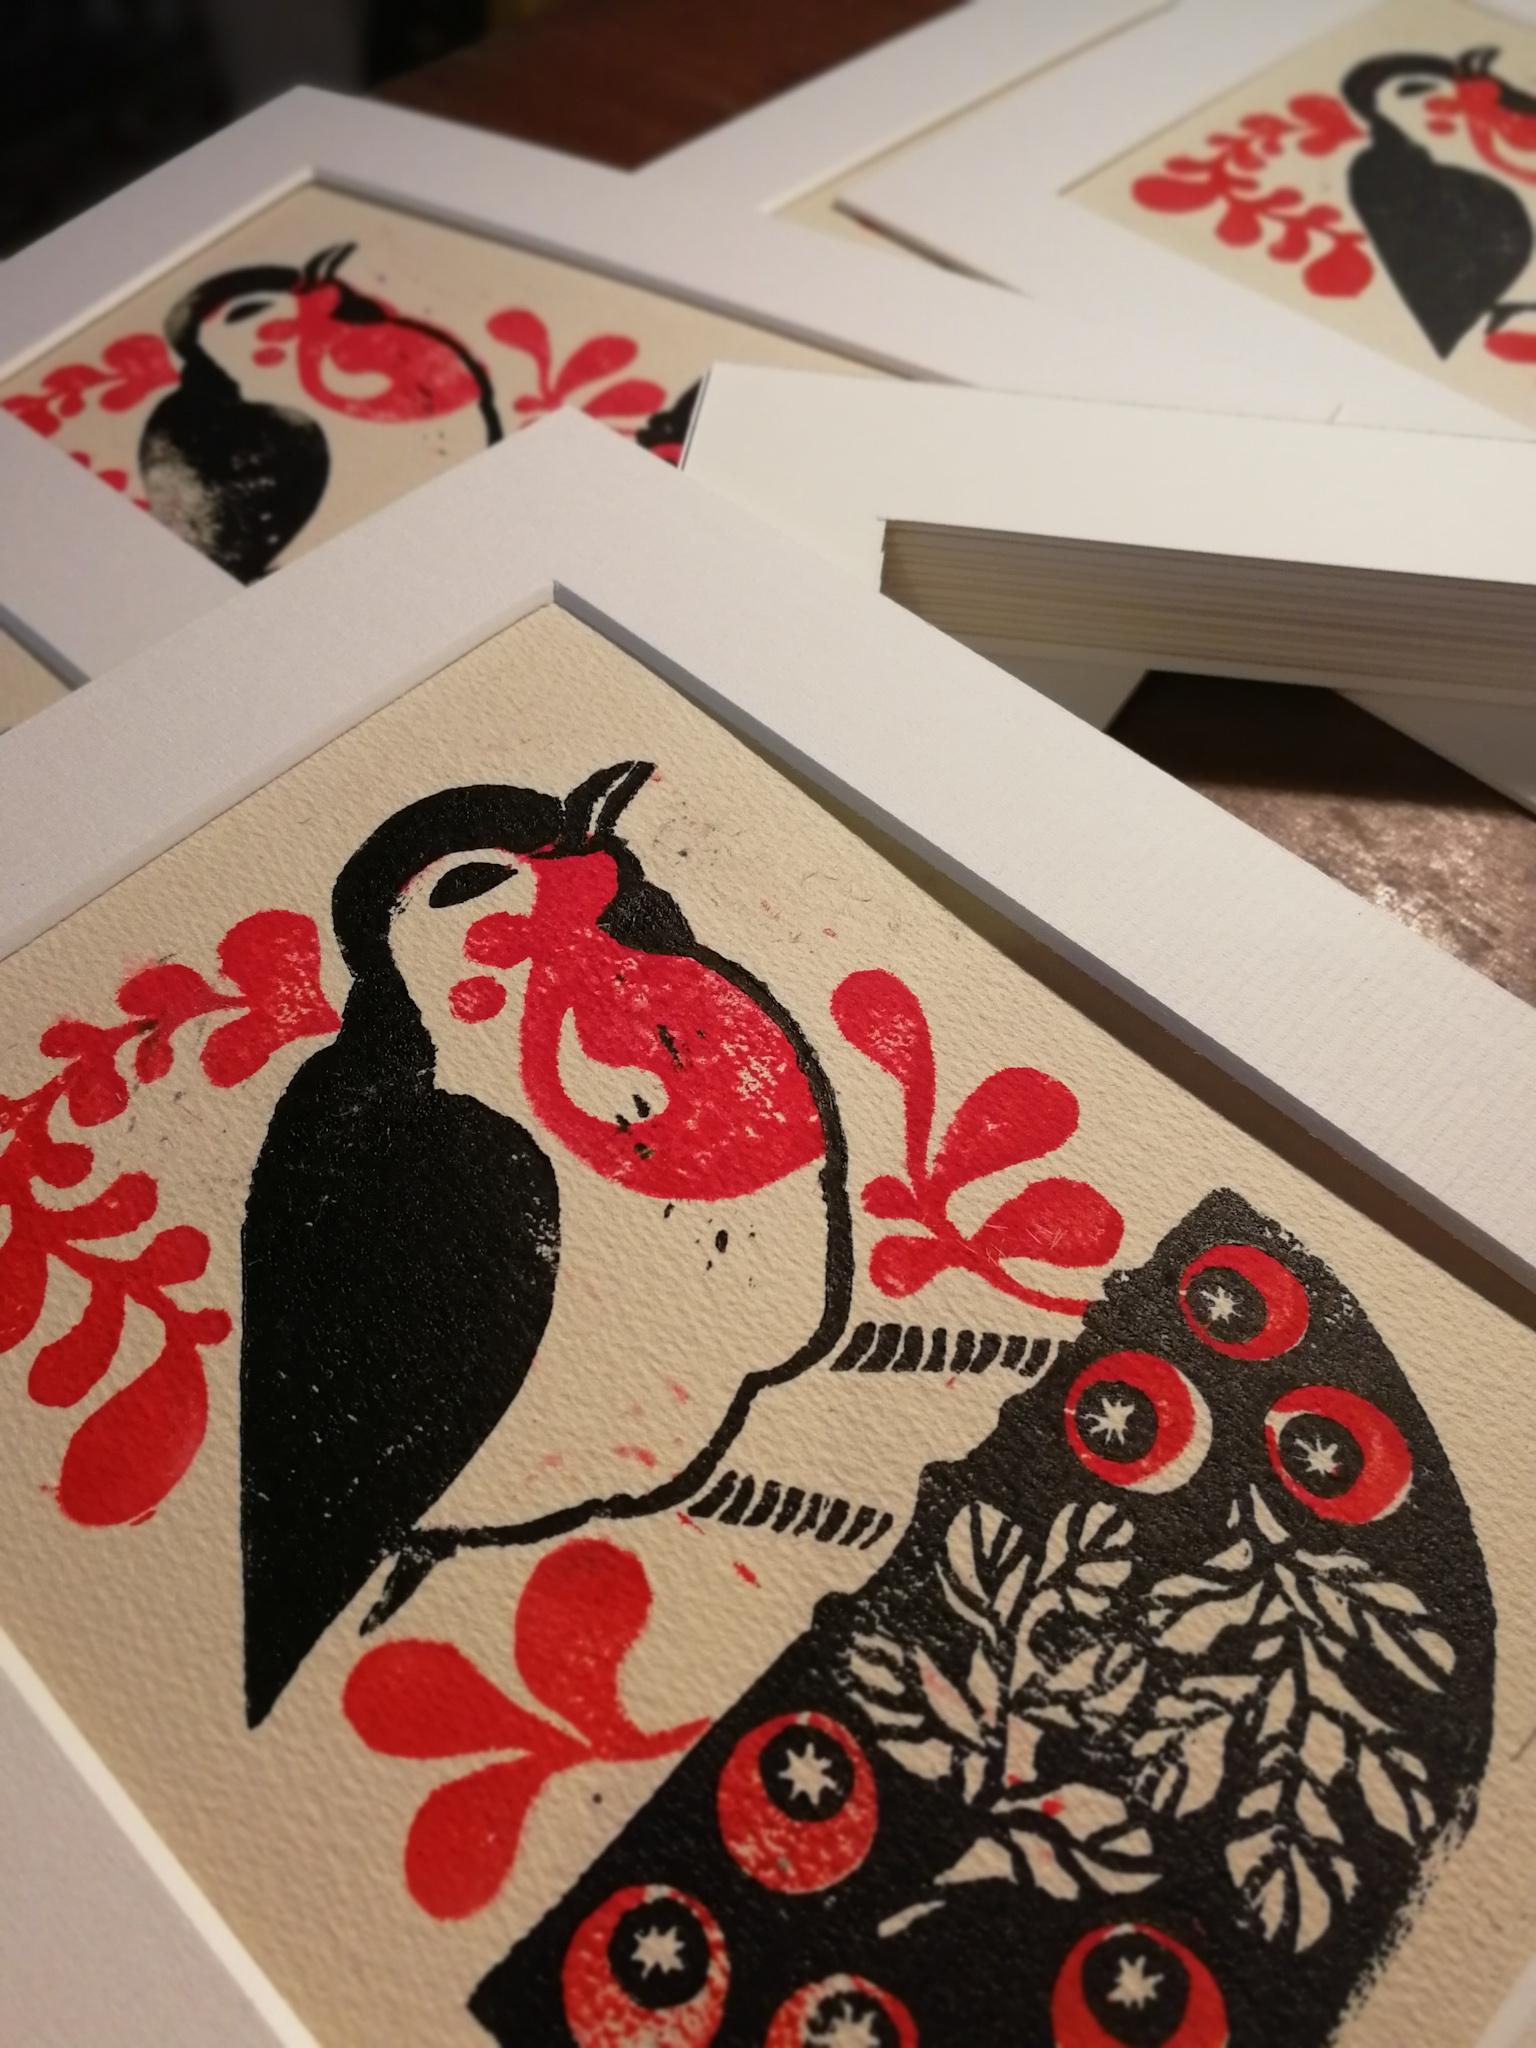 red robin lino cut cards by Tiina Lilja